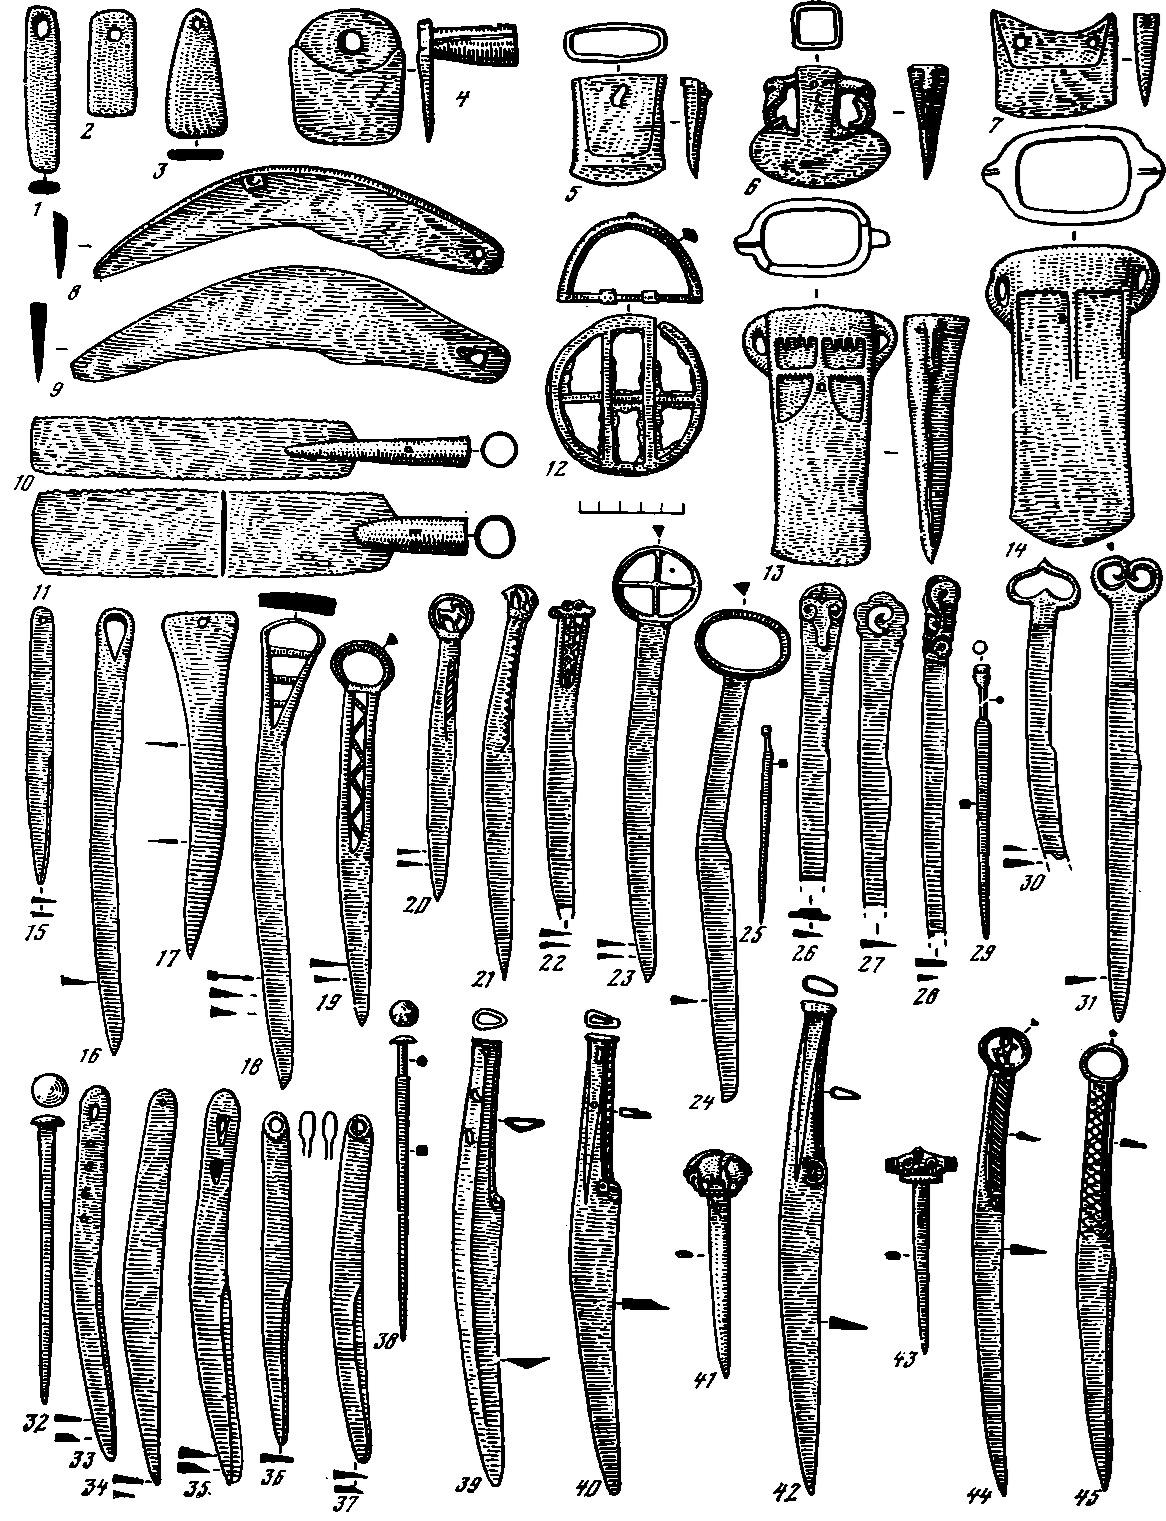 Таблица 86. Тагарская культура. Орудия труда, ножи.